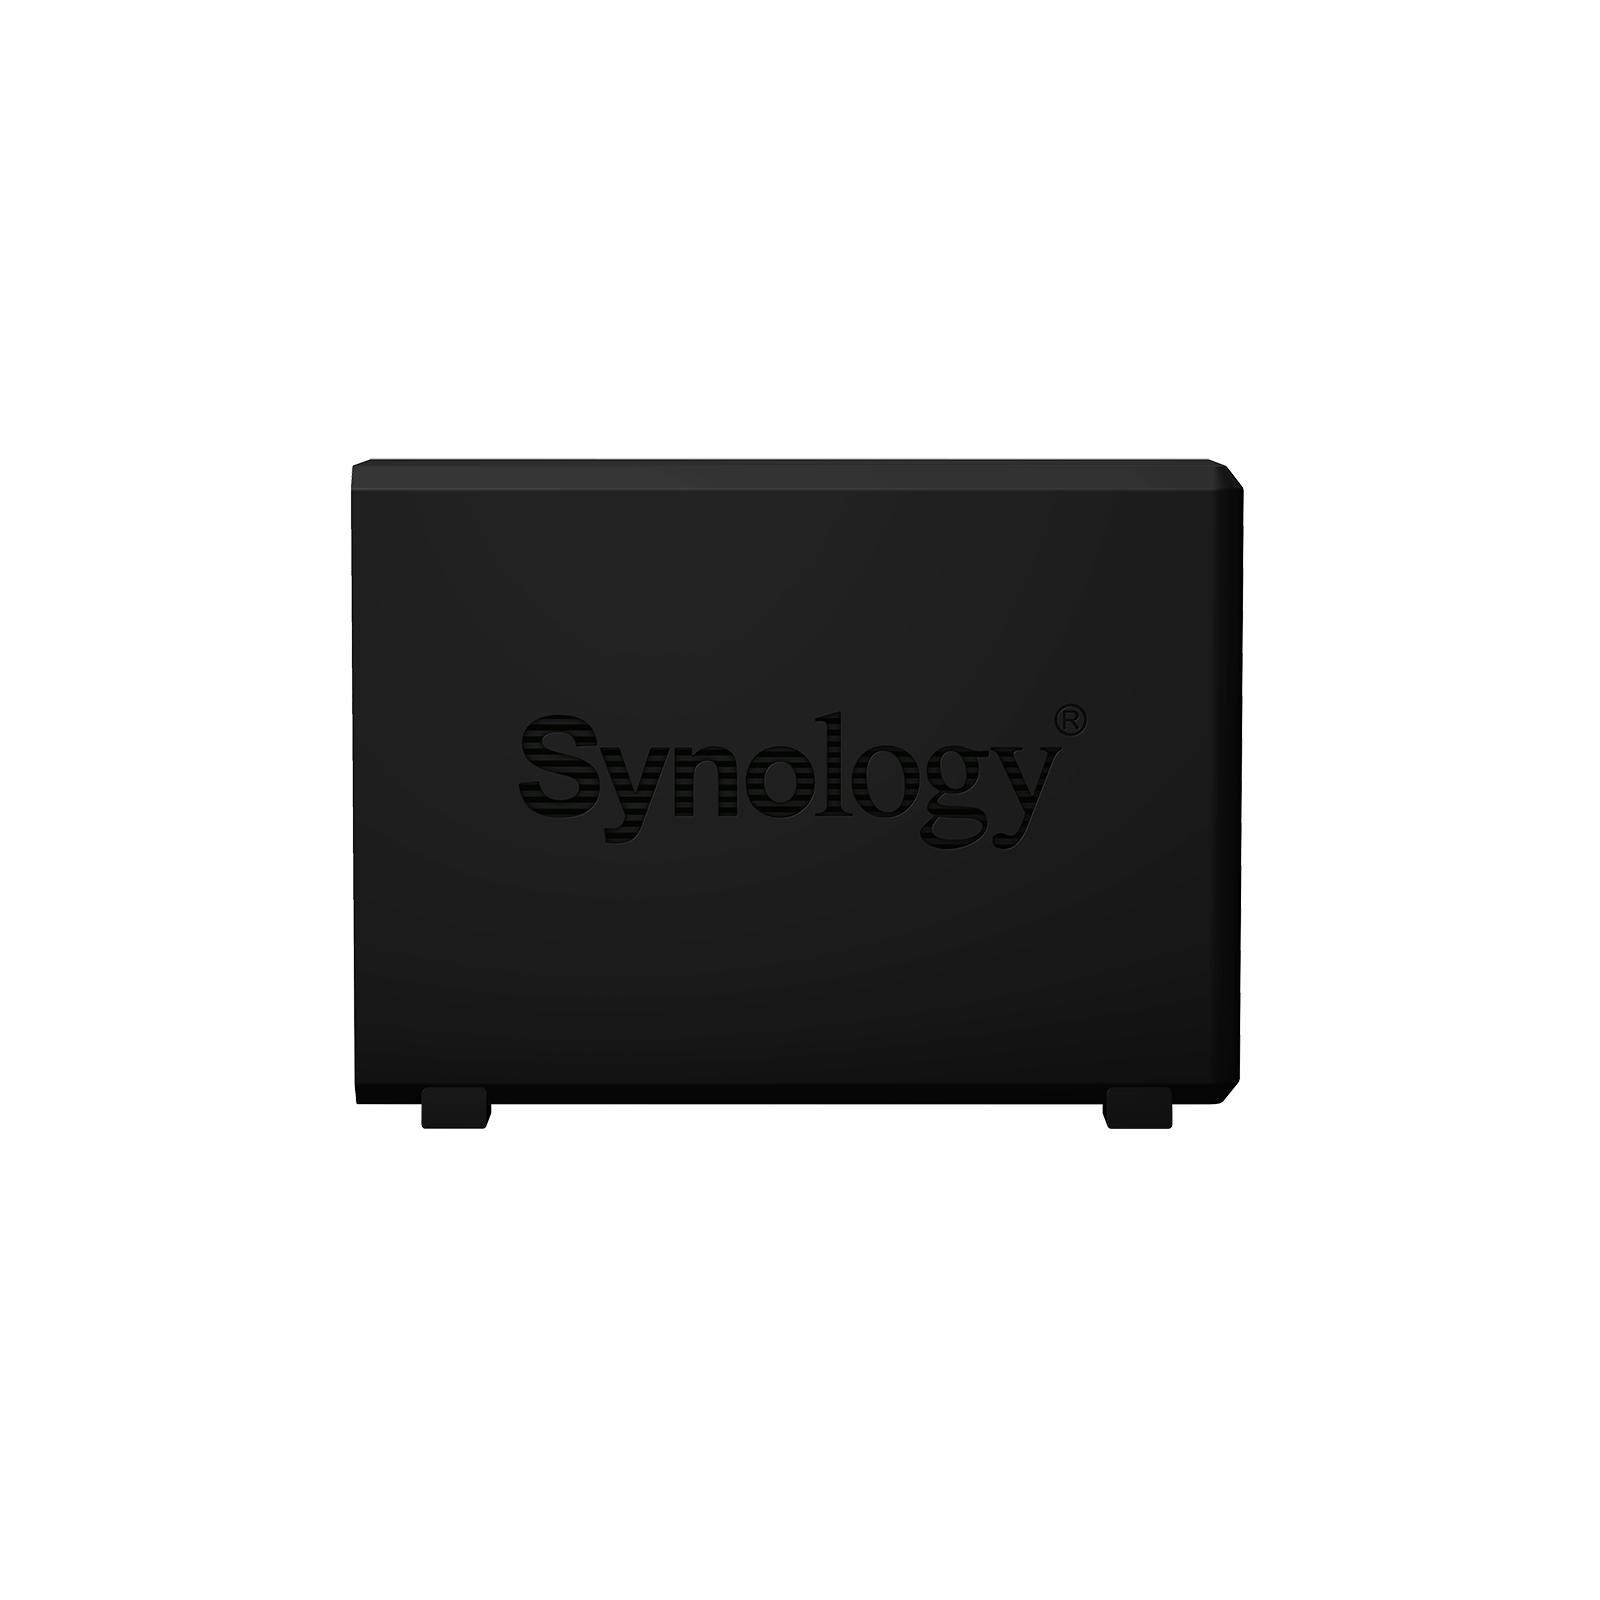 Регистратор для видеонаблюдения Synology NVR216 (4CH) изображение 6